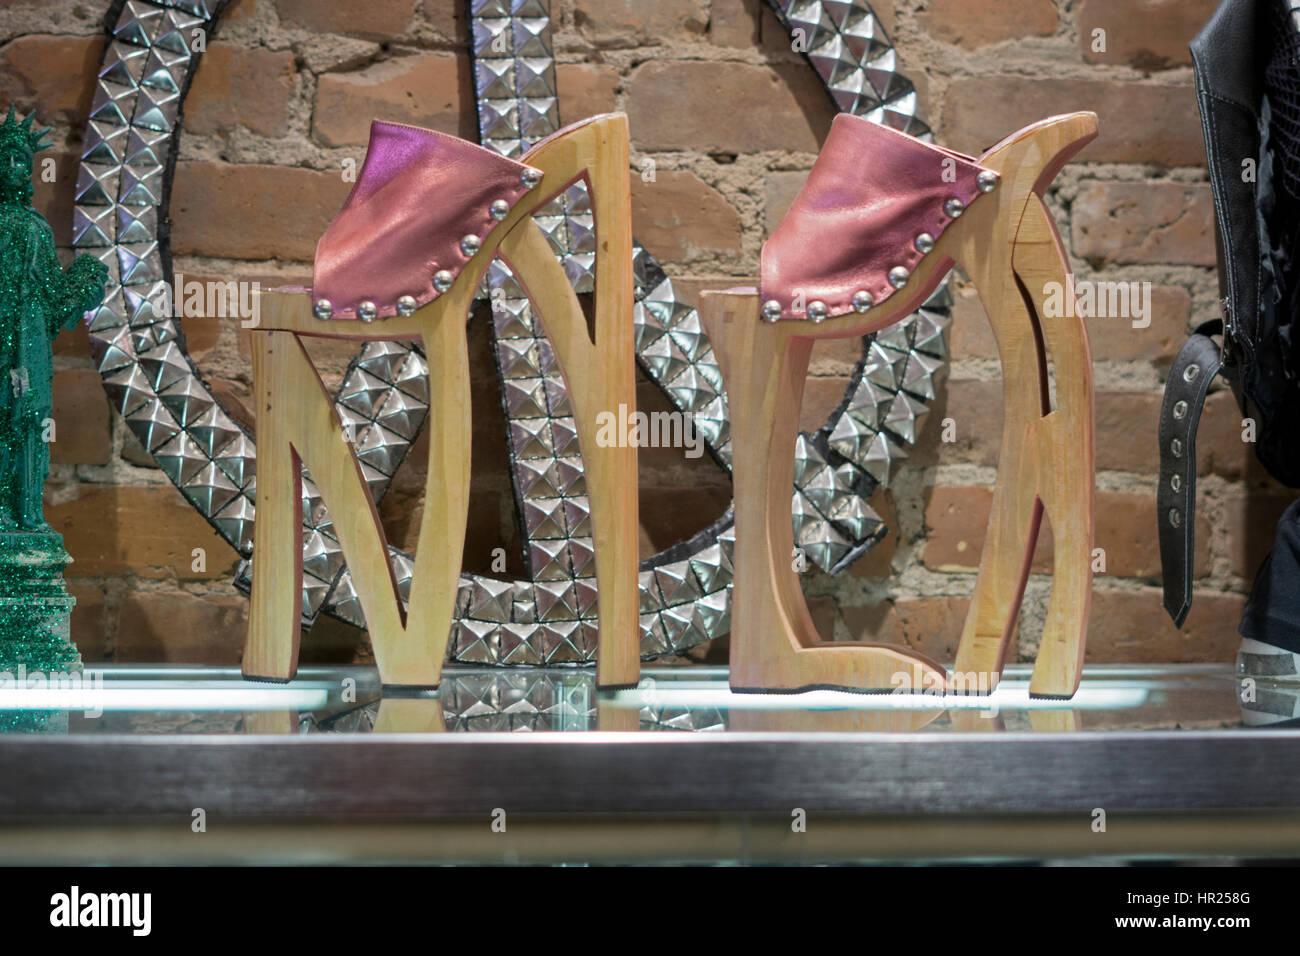 12 pouce de haut chaussures de plate-forme à l'intérieur de la corbeille et alternative de vaudeville Photo Stock